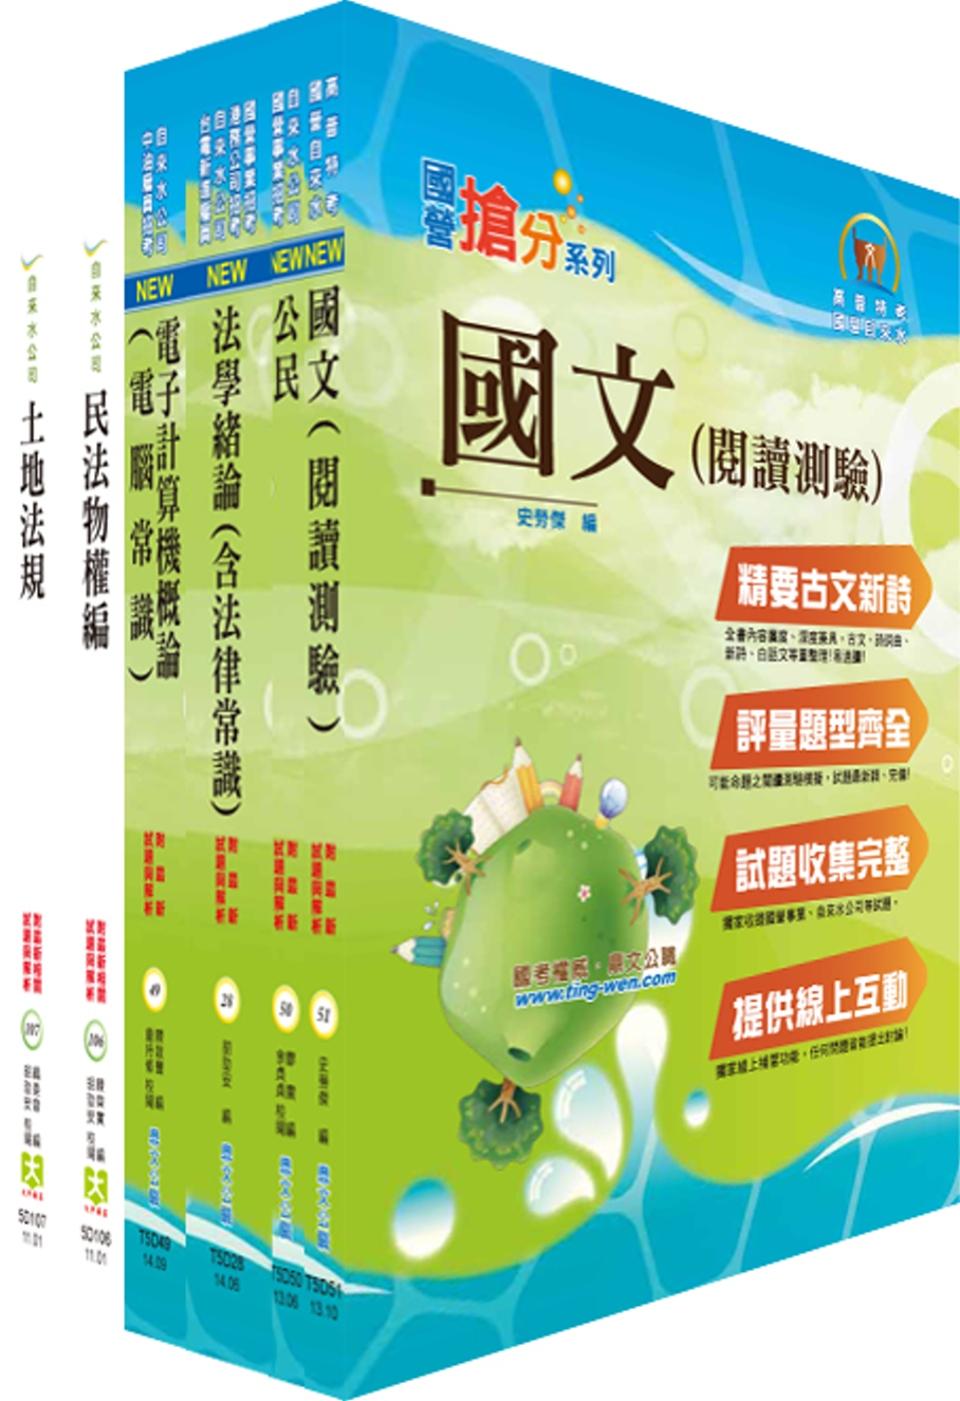 自來水公司人員甄試(營運士行政類)套書(贈題庫網帳號、雲端課程)